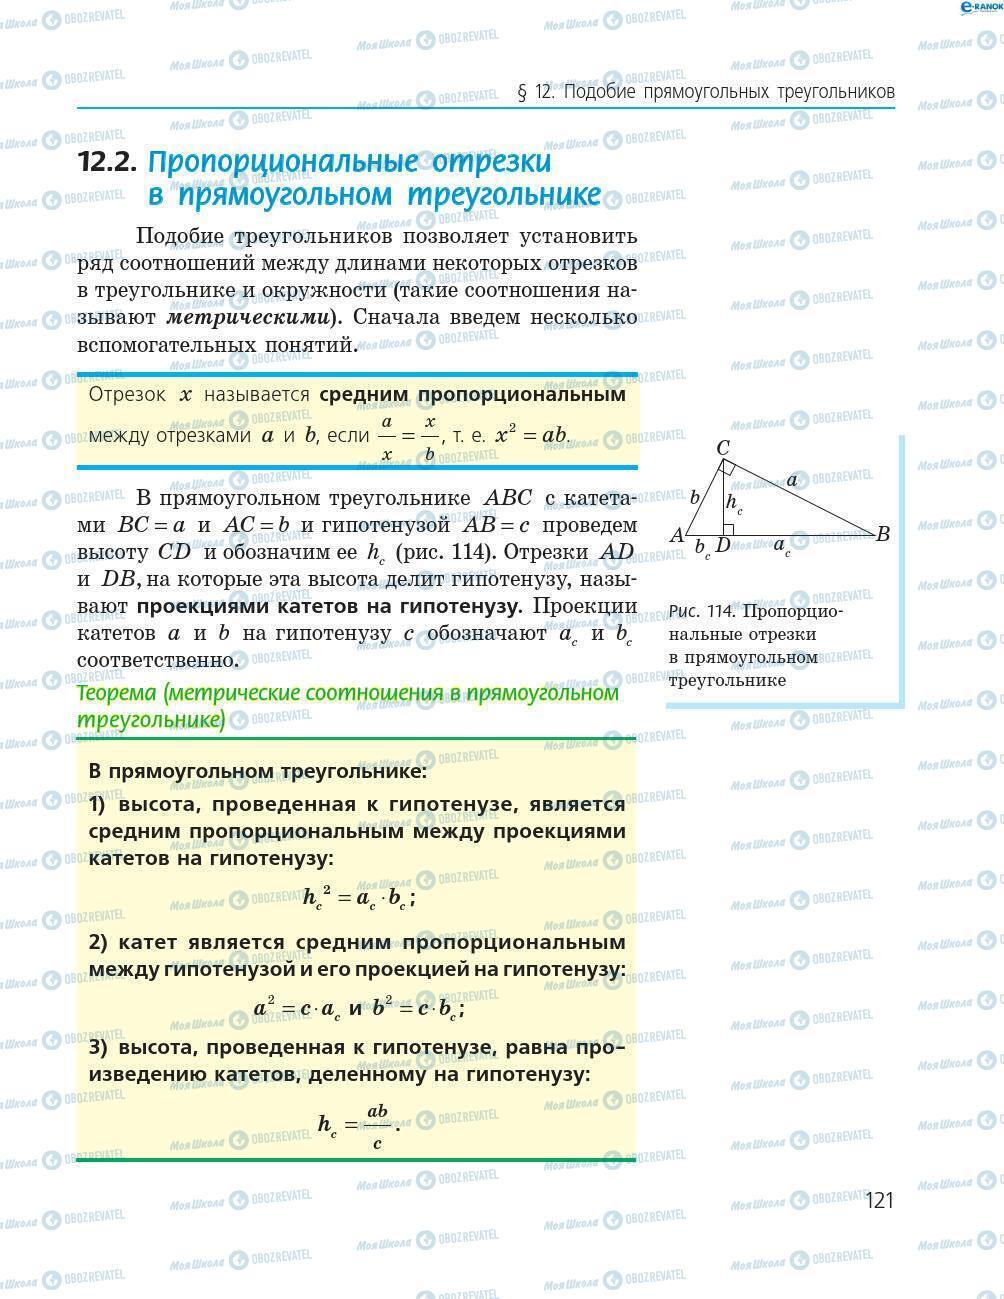 Підручники Геометрія 8 клас сторінка 121